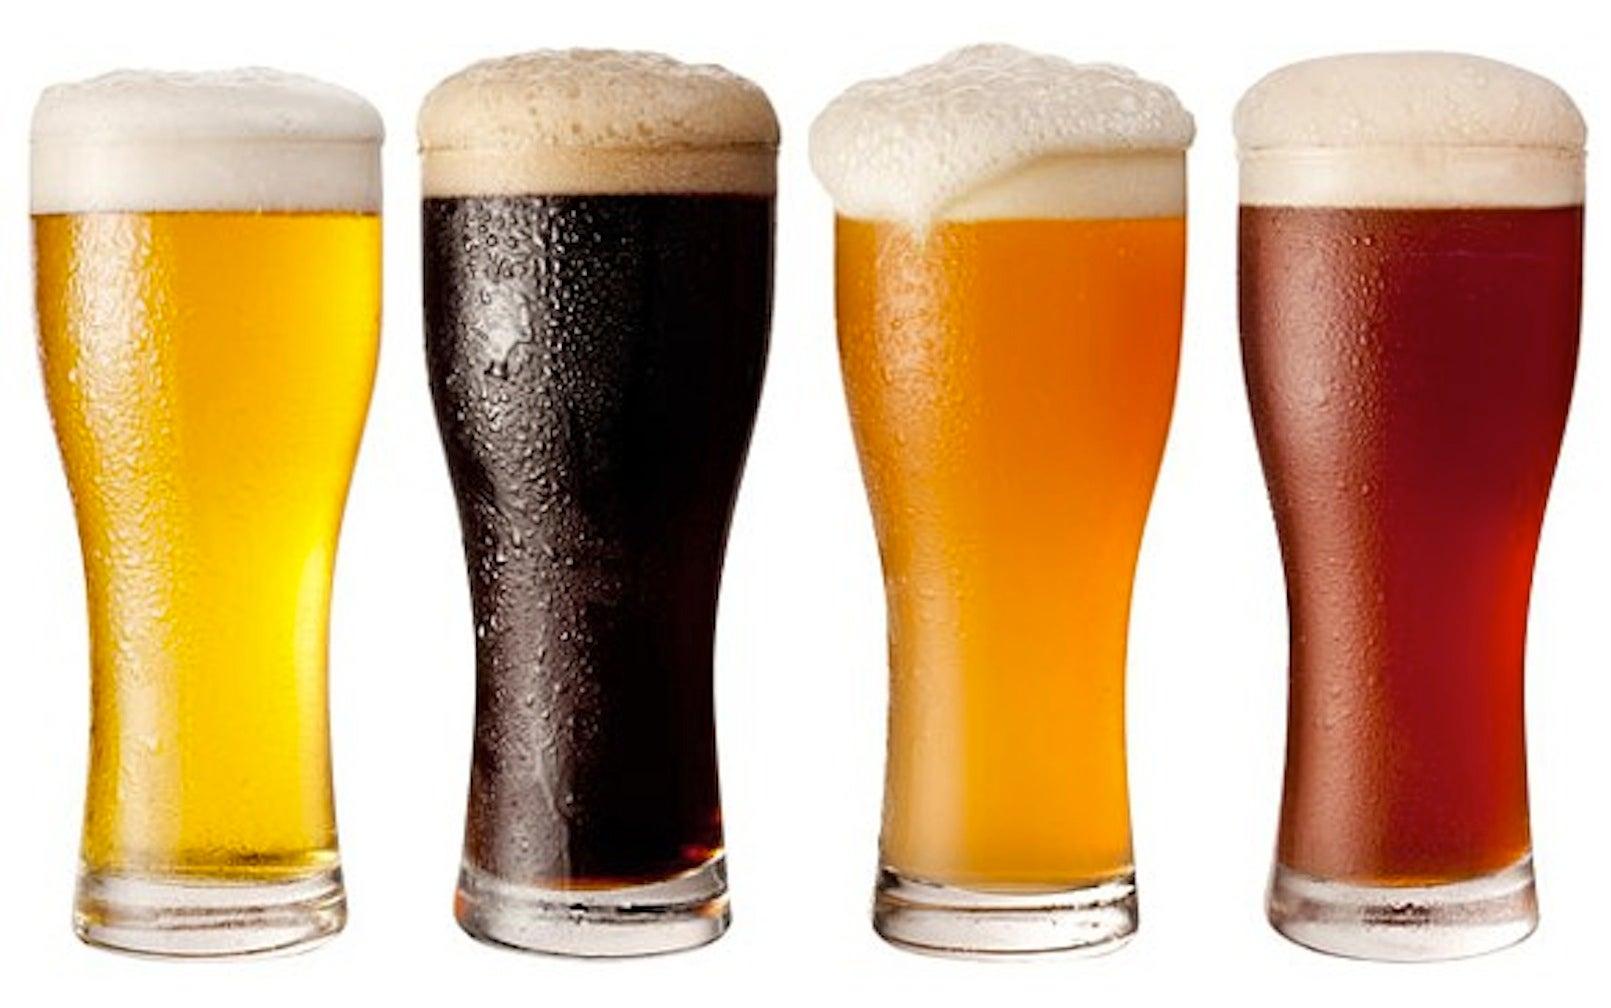 As propriedades anti-inflamatórias estão entre os benefícios da cerveja